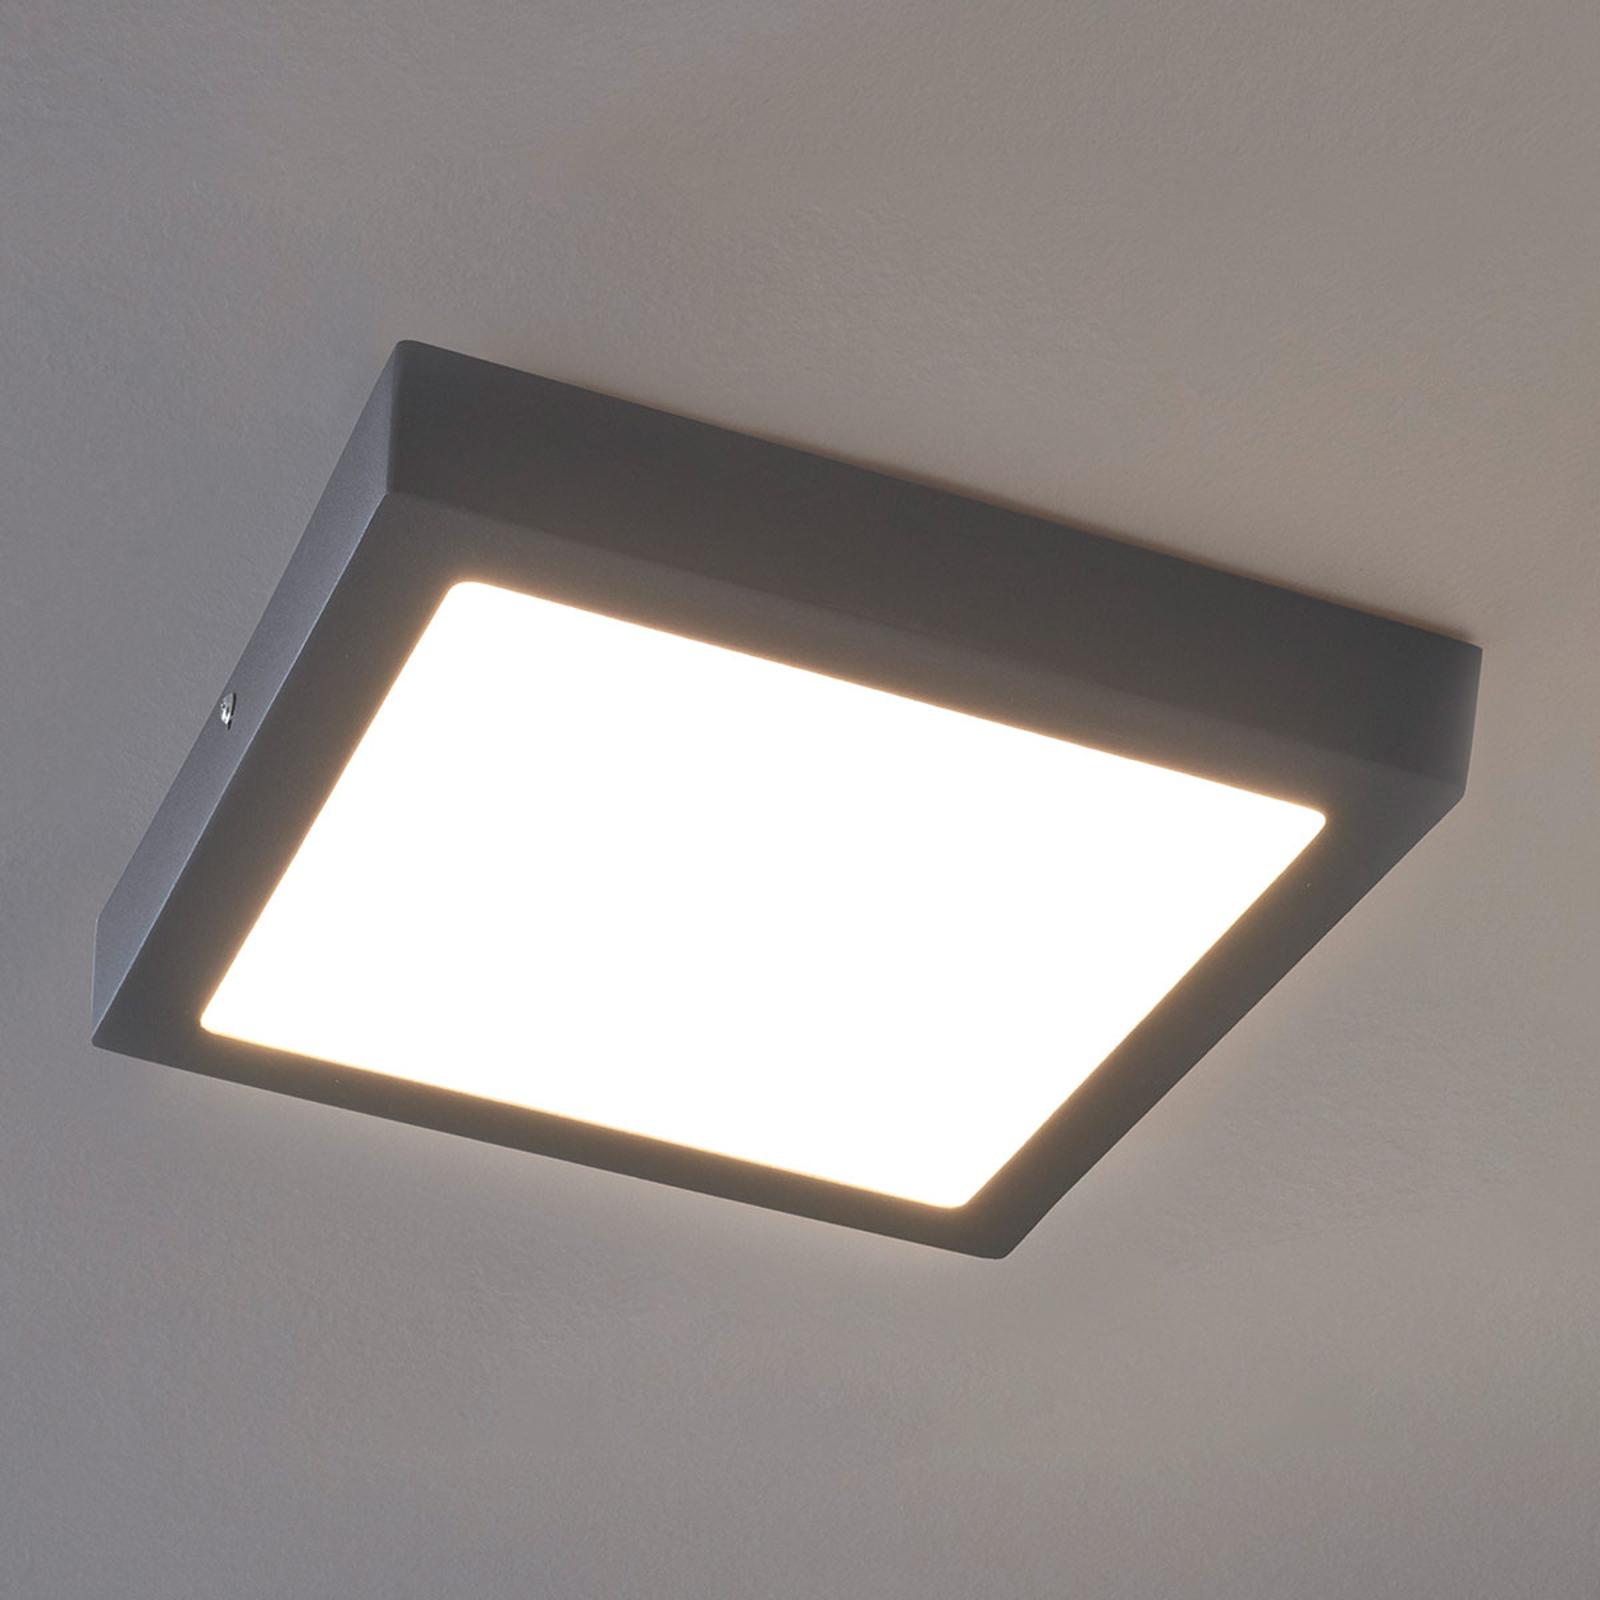 Lampa sufitowa LED Argolis na zewnątrz